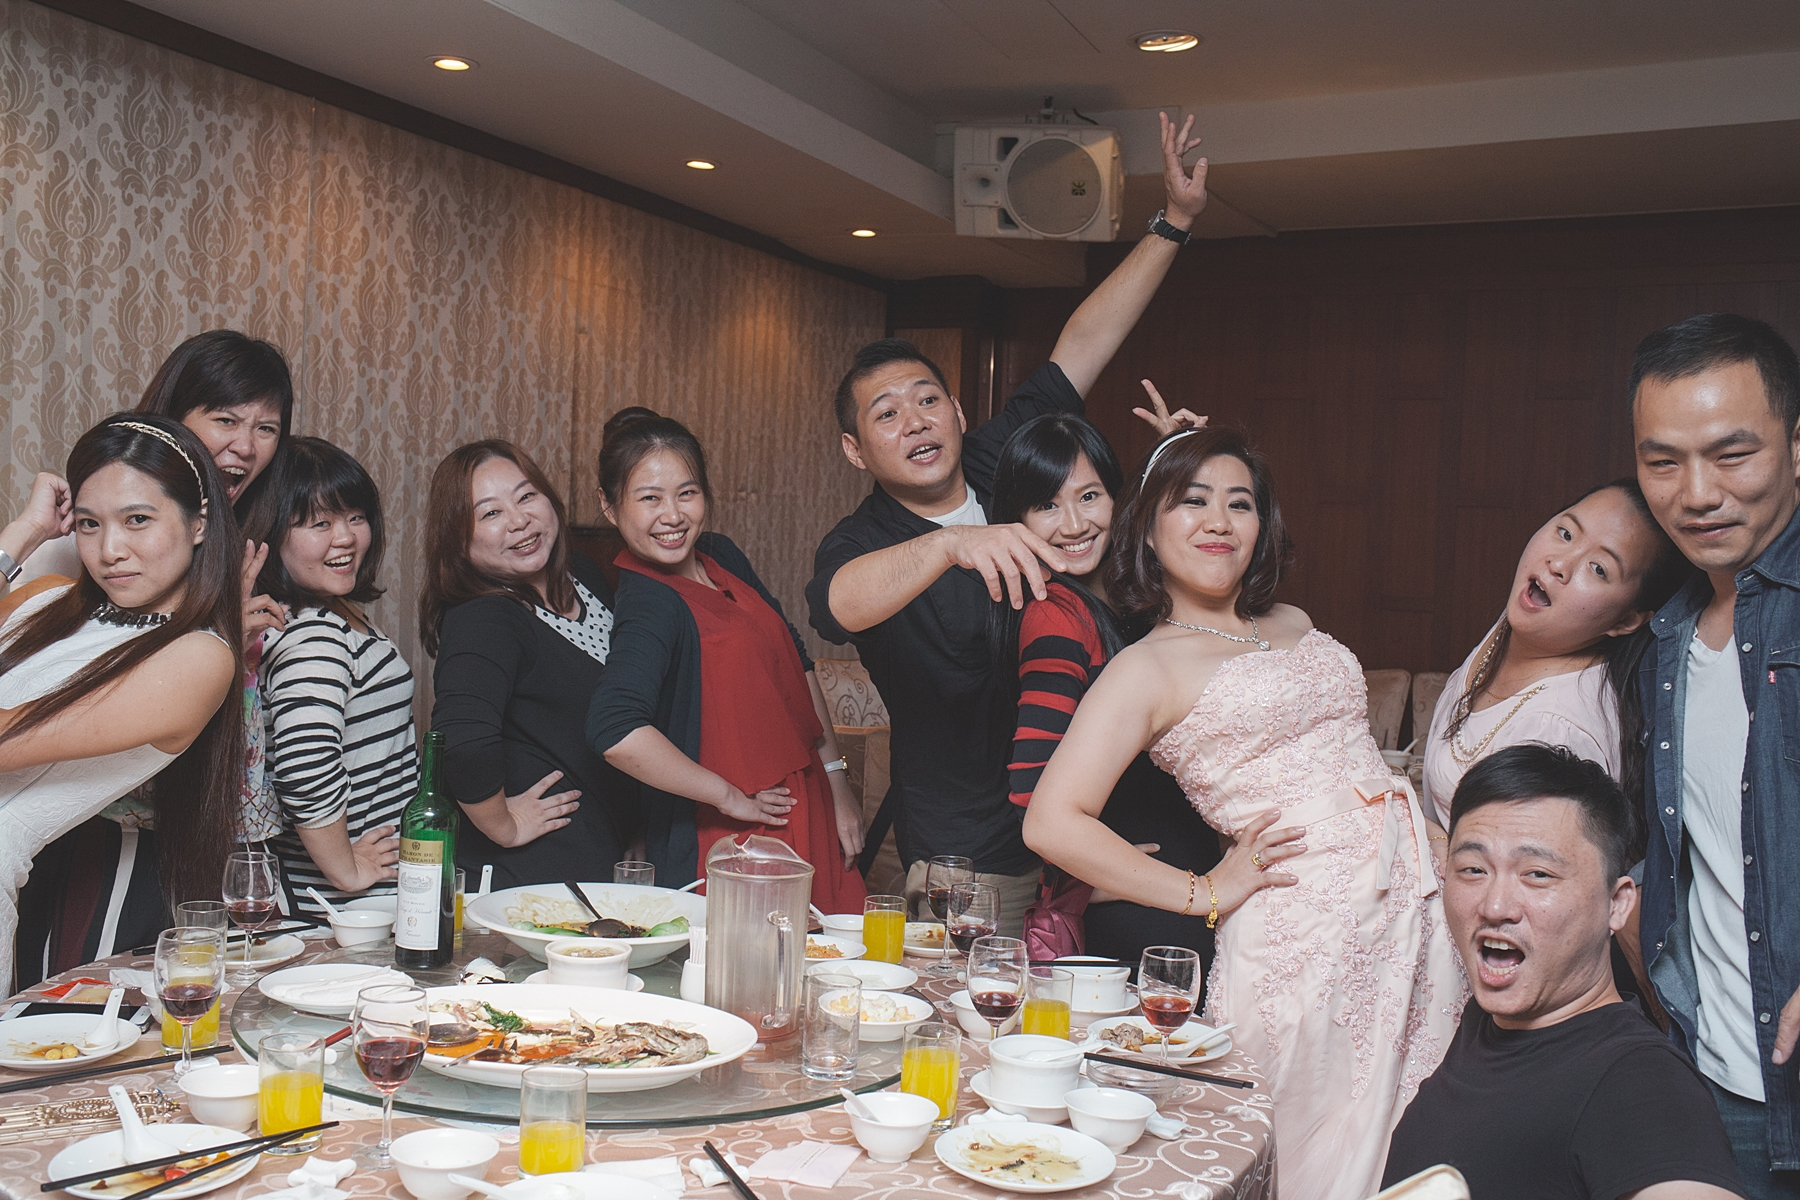 婚禮攝影,婚攝,婚禮記錄,台北,儷宴會館東光館,底片風格,自然